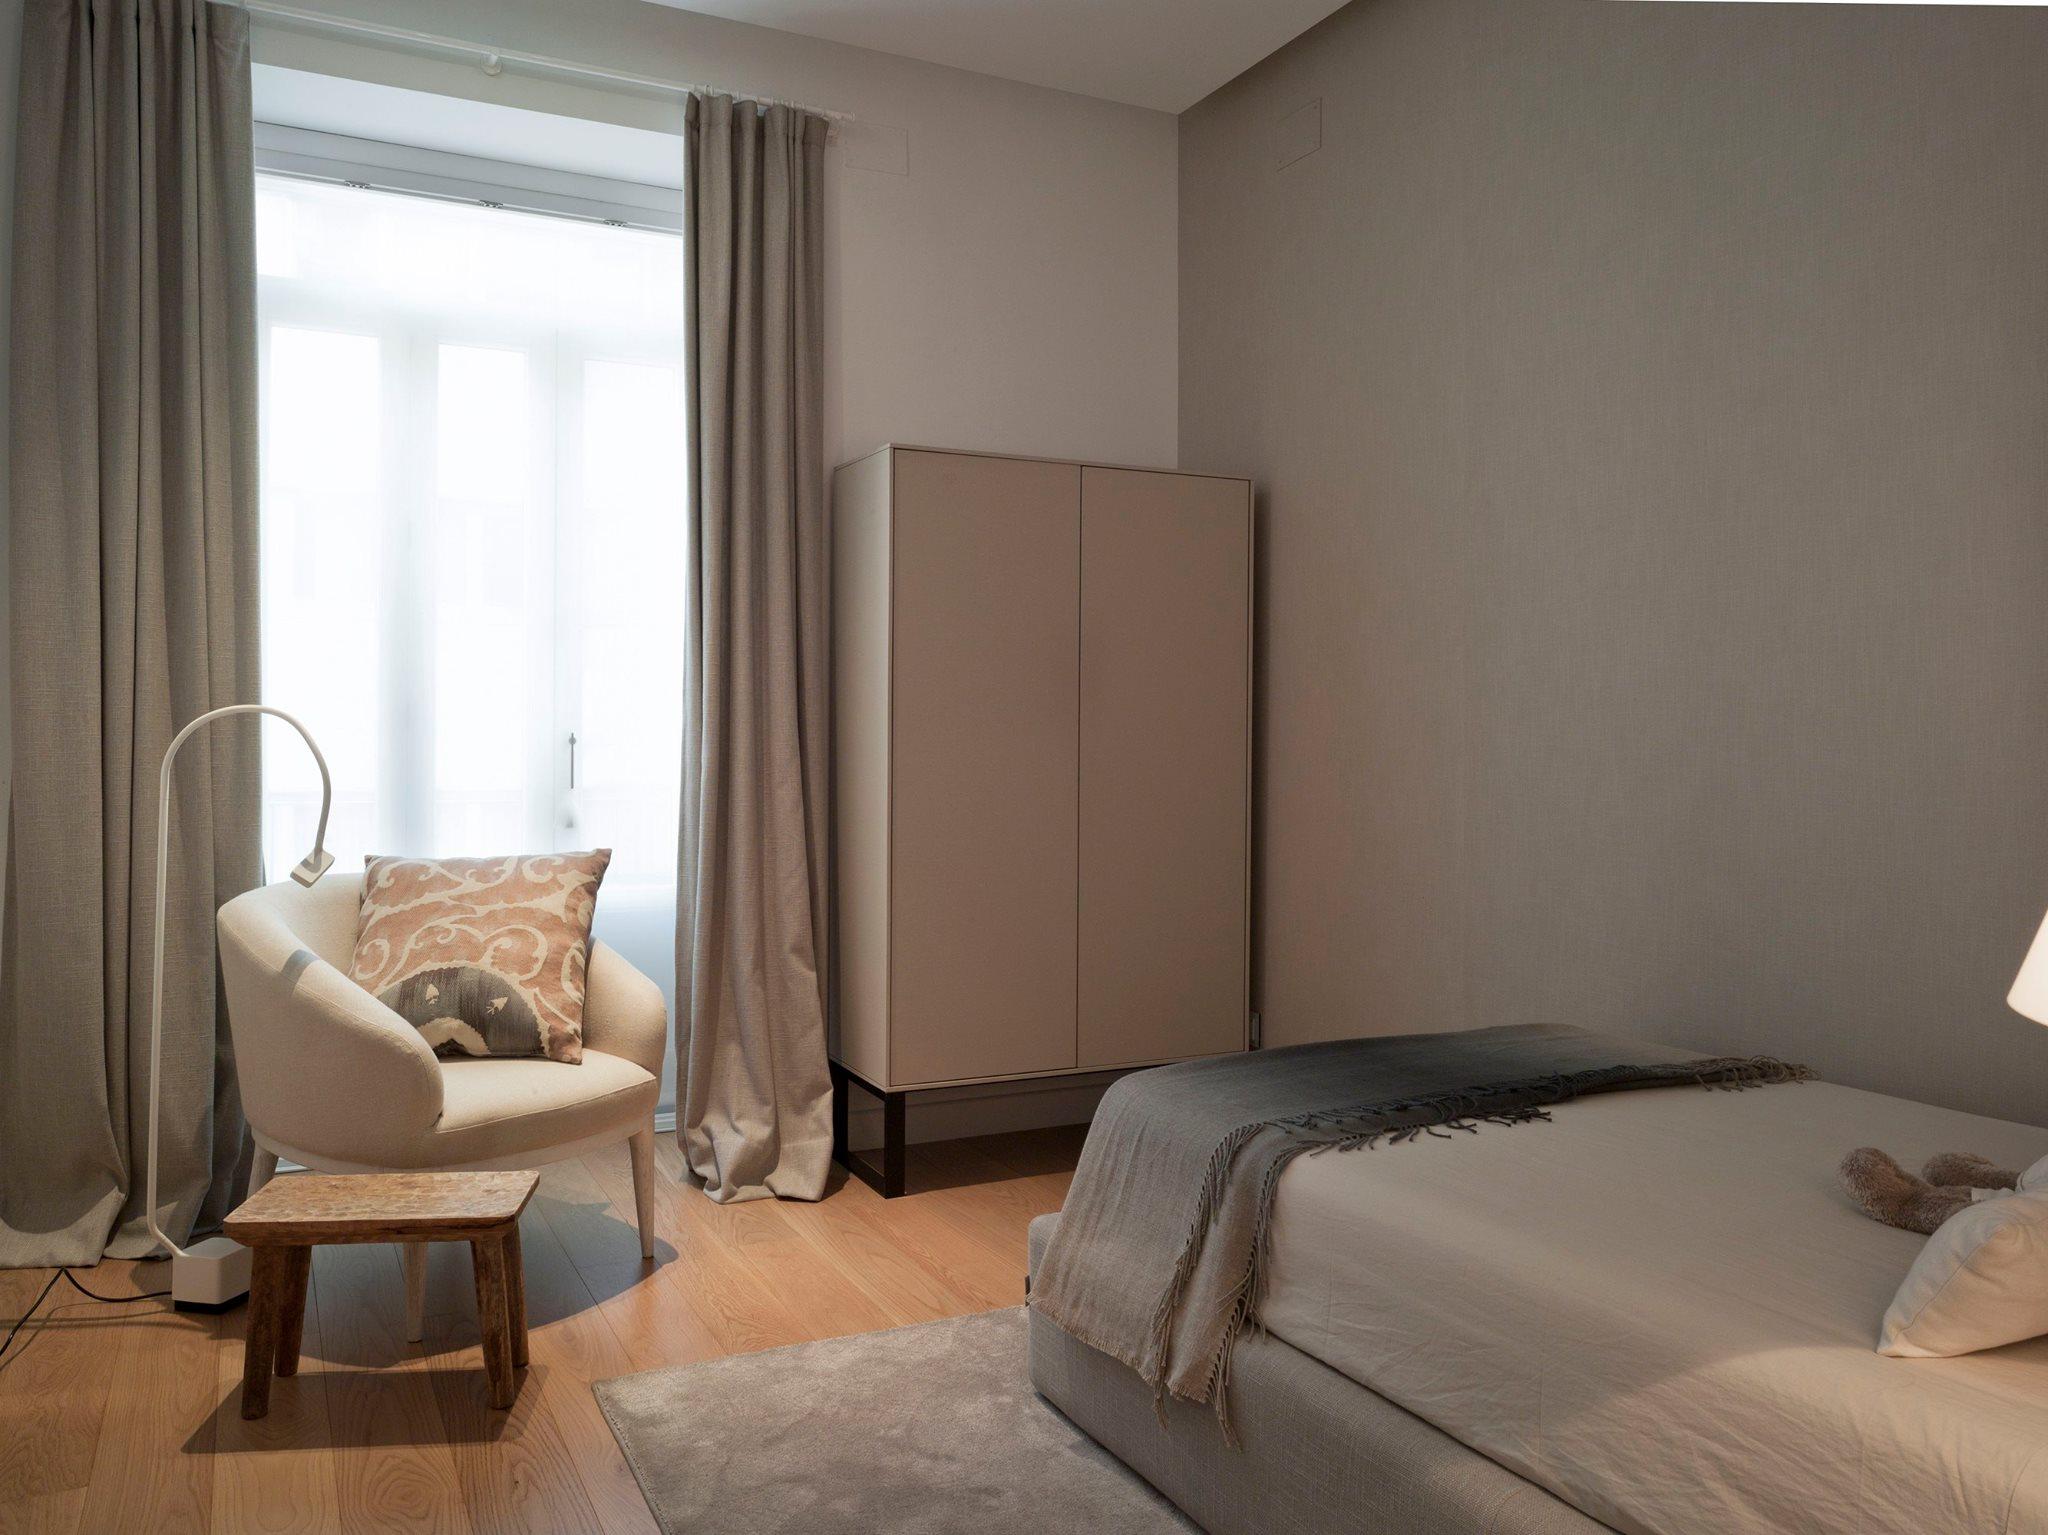 reforma-residencial-interiorismo-dormitorio